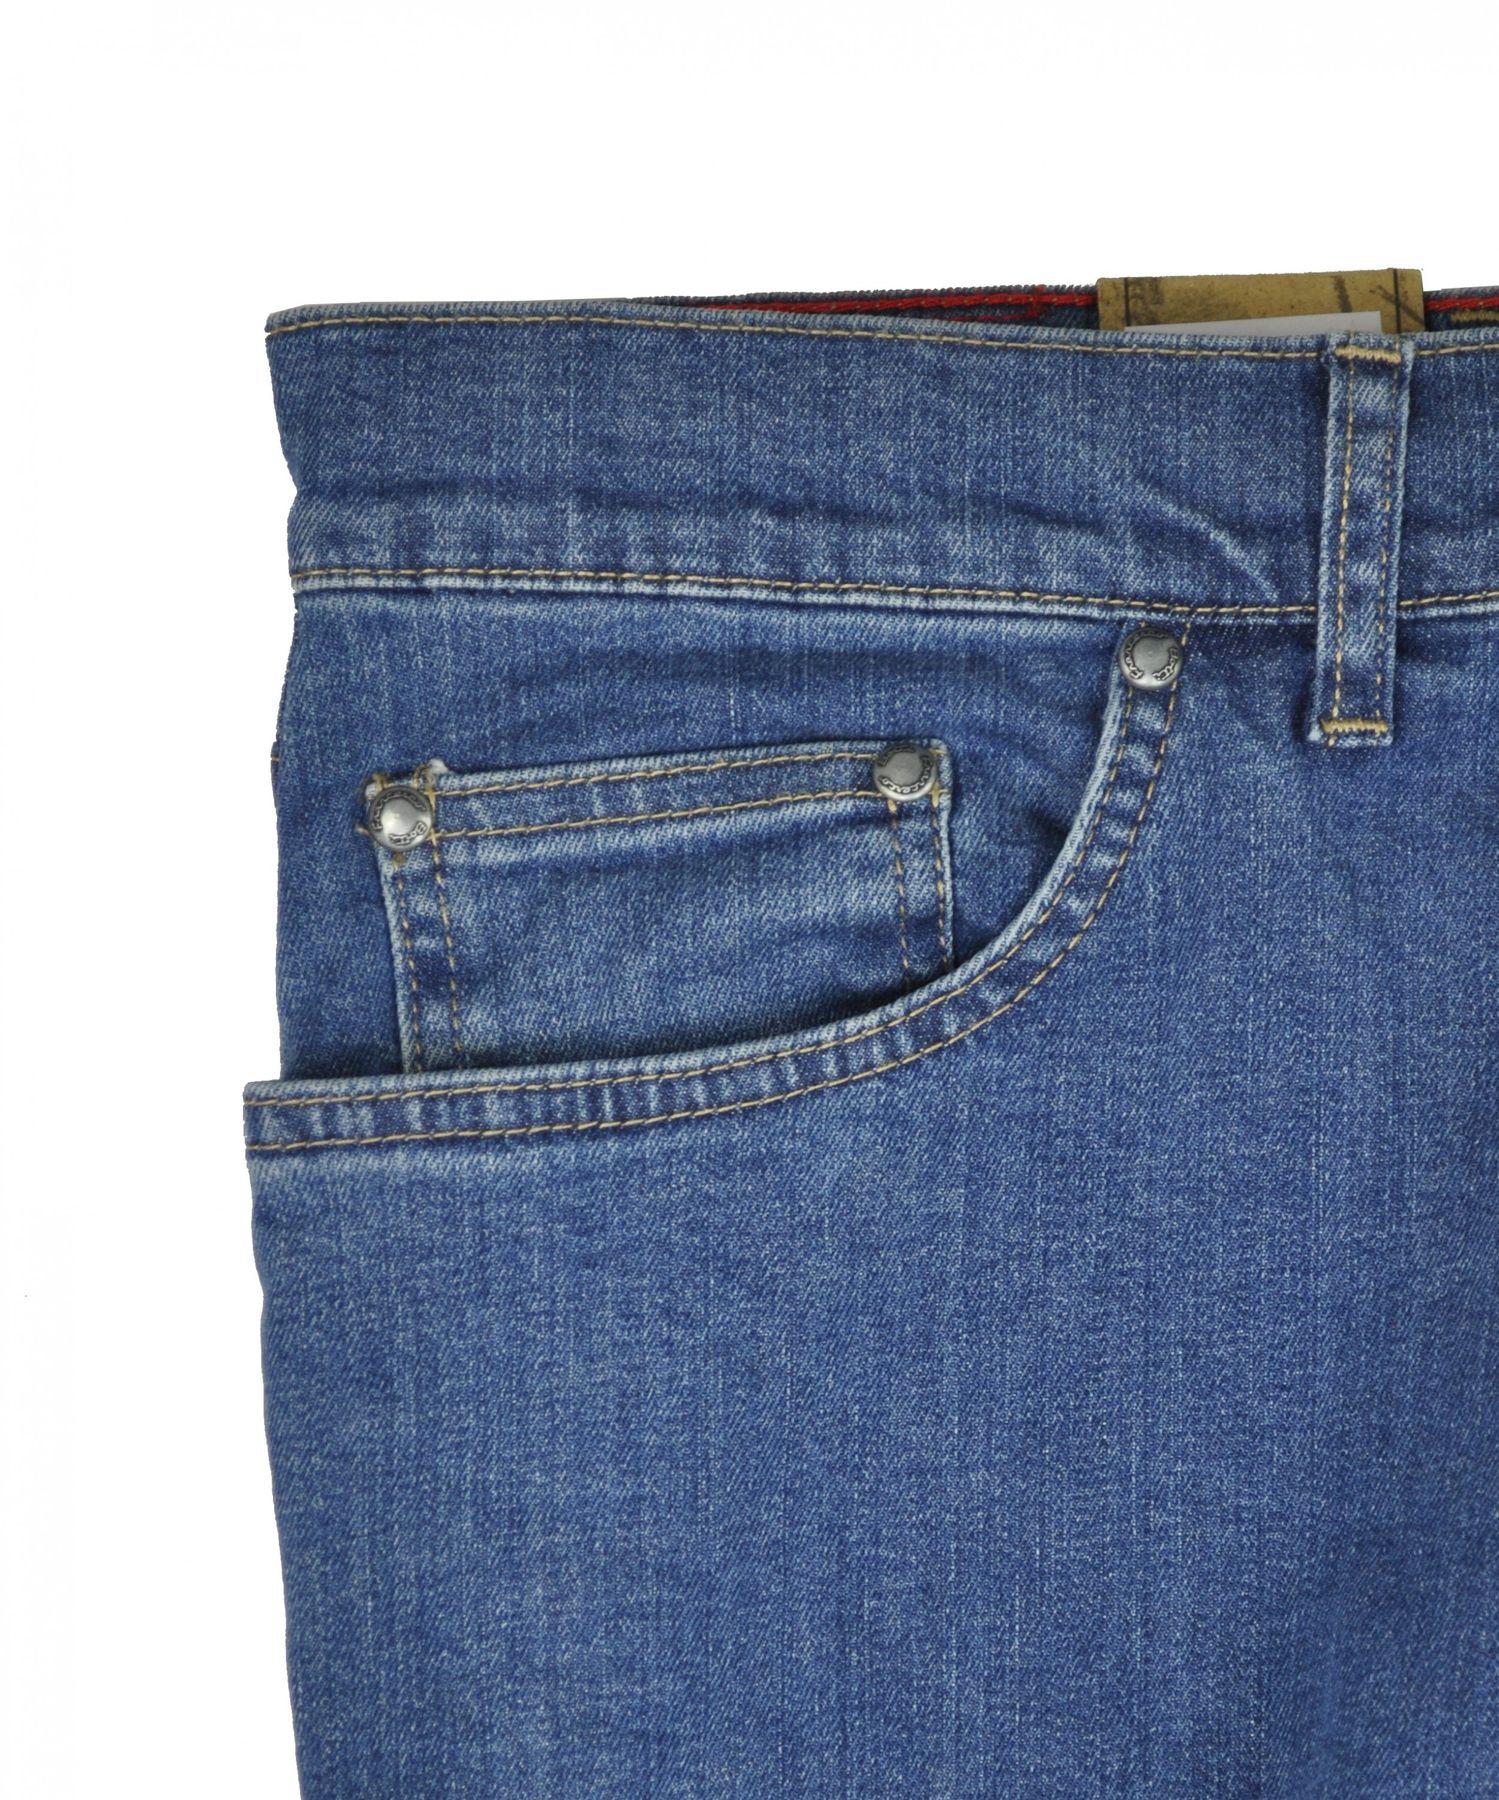 Herren 5 Pocket Jeans in Schwarz oder Blau (15204100) – Bild 7